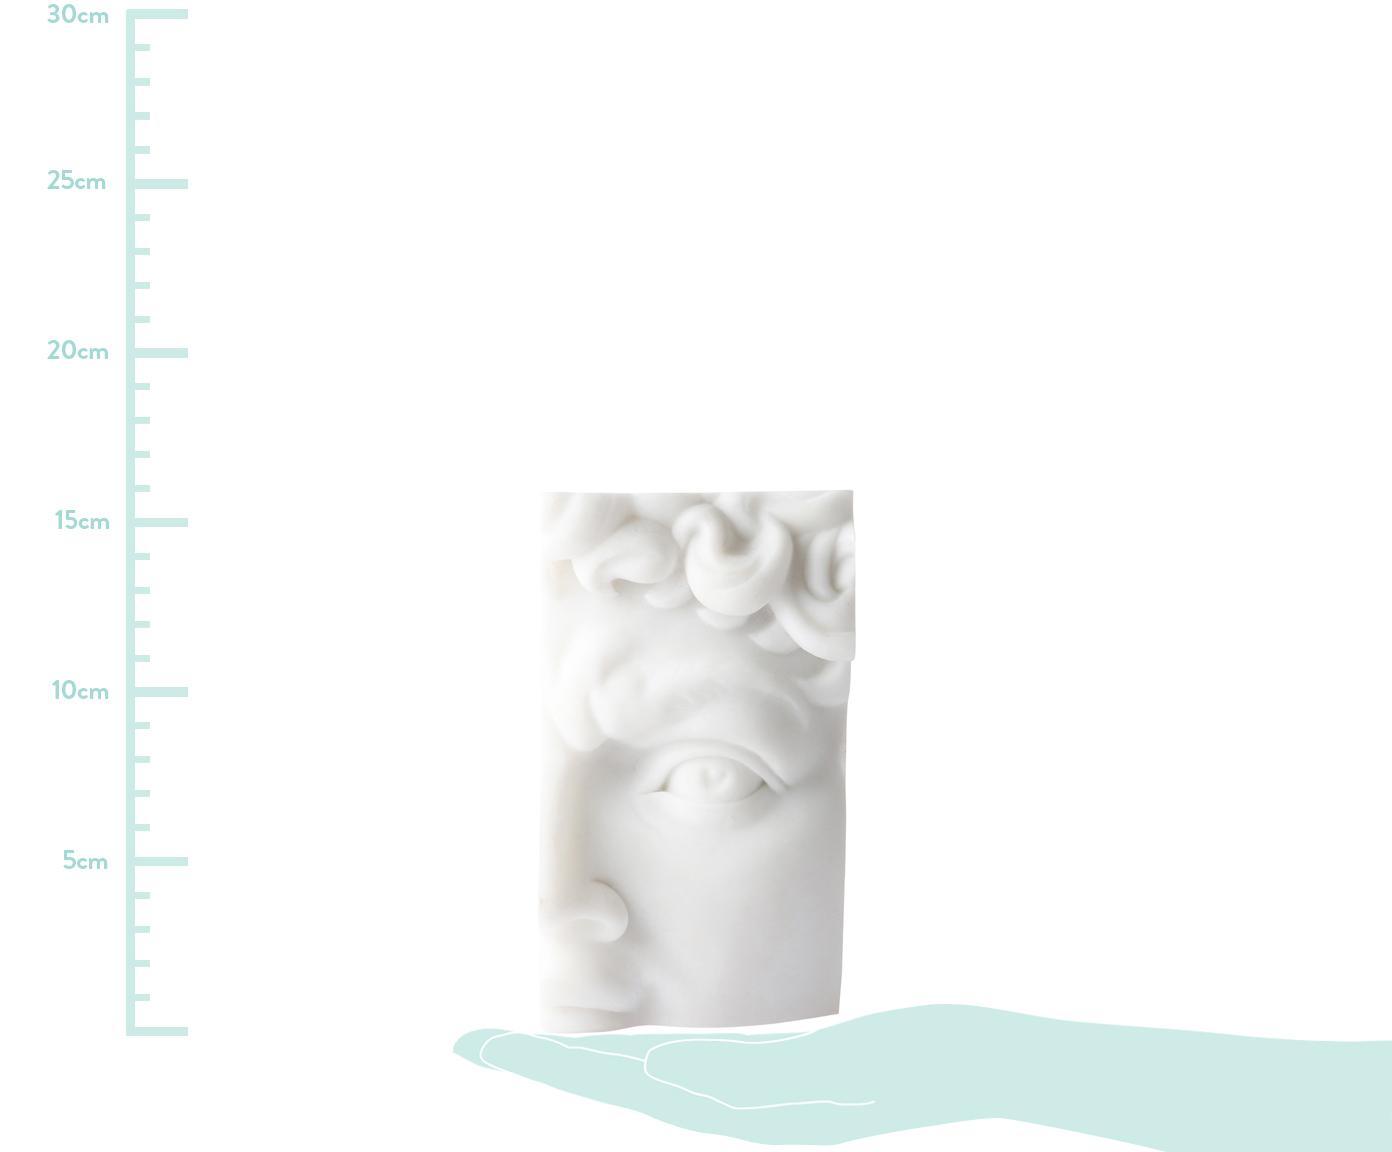 Deko-Objekt David, Harz, Marmorpulver, Weiss, 9 x 16 cm